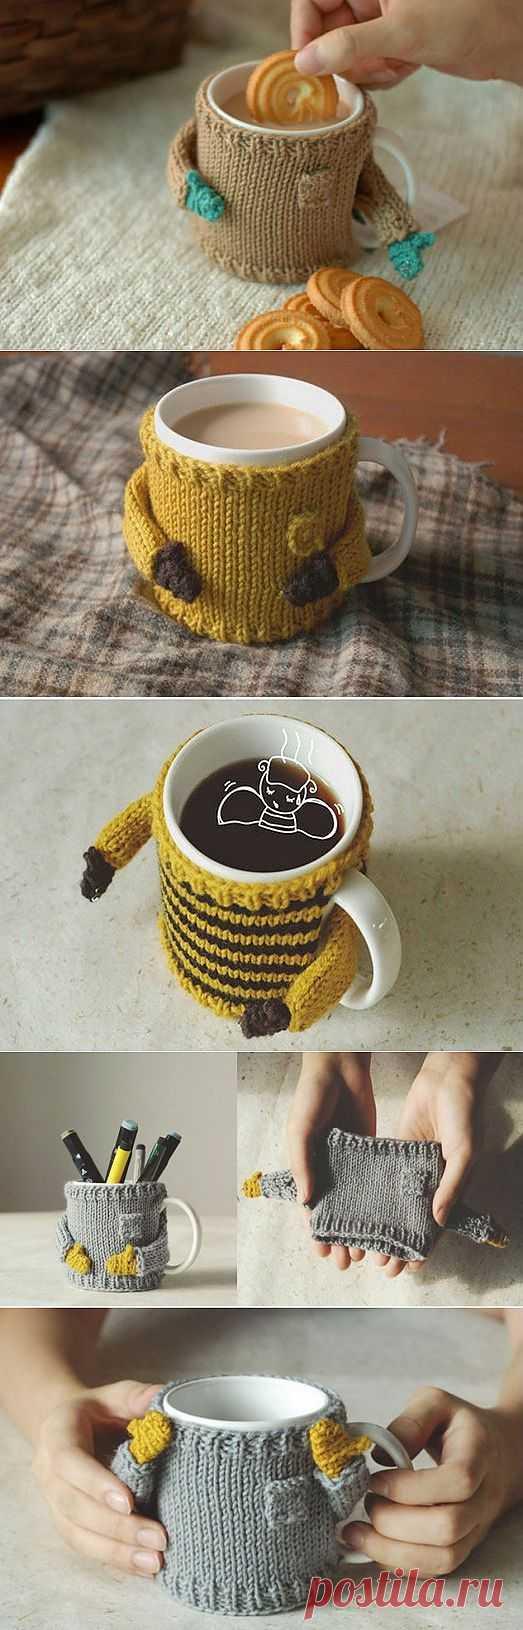 (+1) - Мода для посуды или Уютный свитерок для кружки | Хвастуны и хвастушки